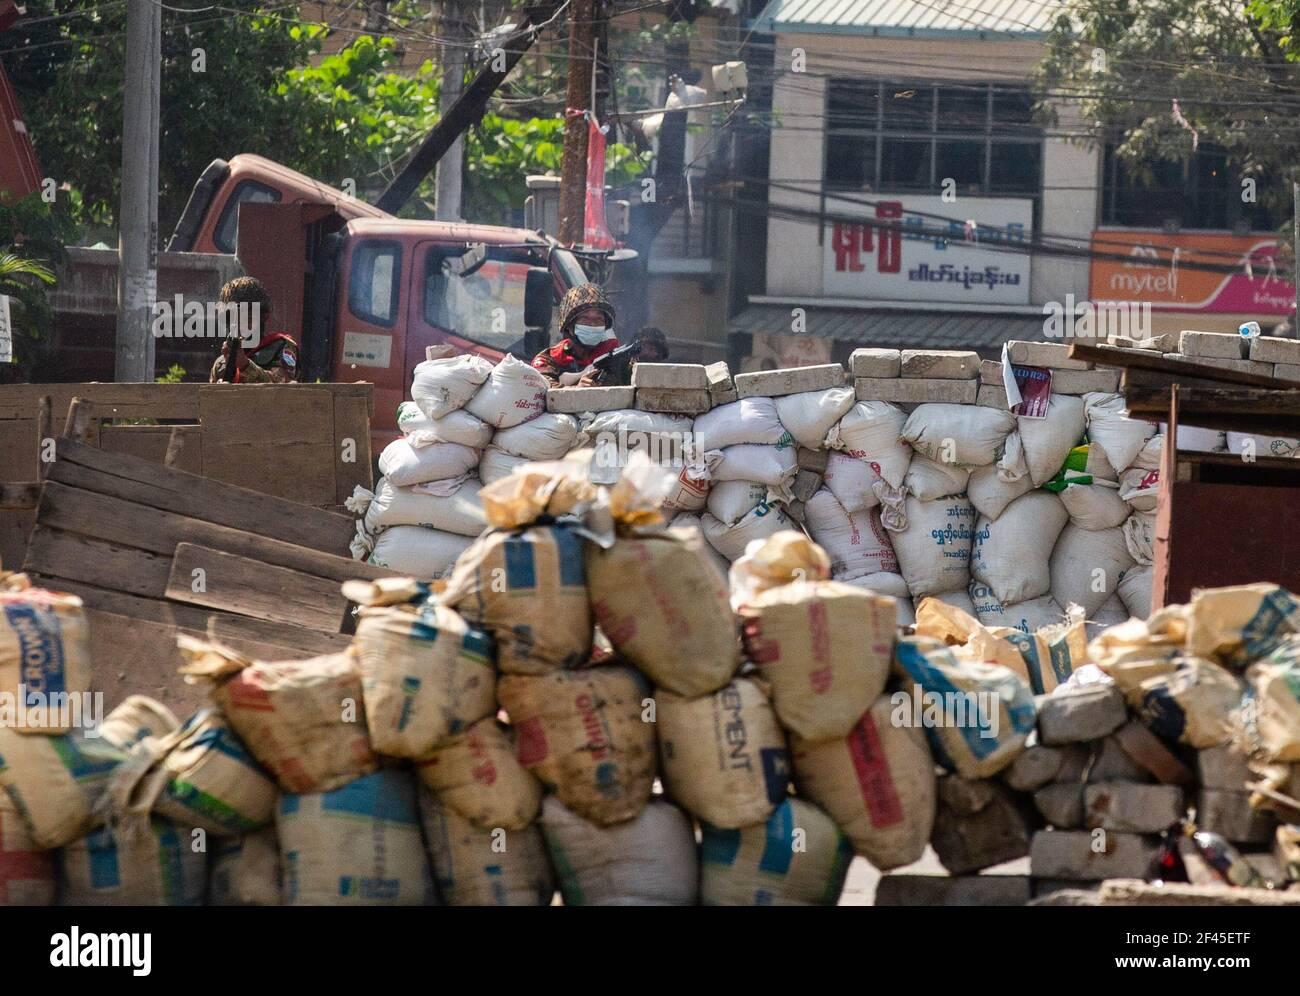 Les soldats militaires du Myanmar (Tatmadow) sourient tout en visant les fusils vers les manifestants anti-coup d'État militaire lors d'une manifestation contre le coup d'État militaire. La police et les militaires du Myanmar (tatmadow) ont attaqué les manifestants avec des balles en caoutchouc, des munitions réelles, des gaz lacrymogènes et des bombes lacrymogènes en réponse aux manifestants anti-coup d'État militaire de vendredi, tuant plusieurs manifestants et en blessant beaucoup d'autres. Au moins 149 personnes ont été tuées au Myanmar depuis le coup d'État du 1er février, a déclaré un responsable des droits de l'homme de l'ONU. L'armée du Myanmar a détenu le conseiller d'État du Myanmar Aung San Suu Kyi le 01 février 2021 et de Banque D'Images